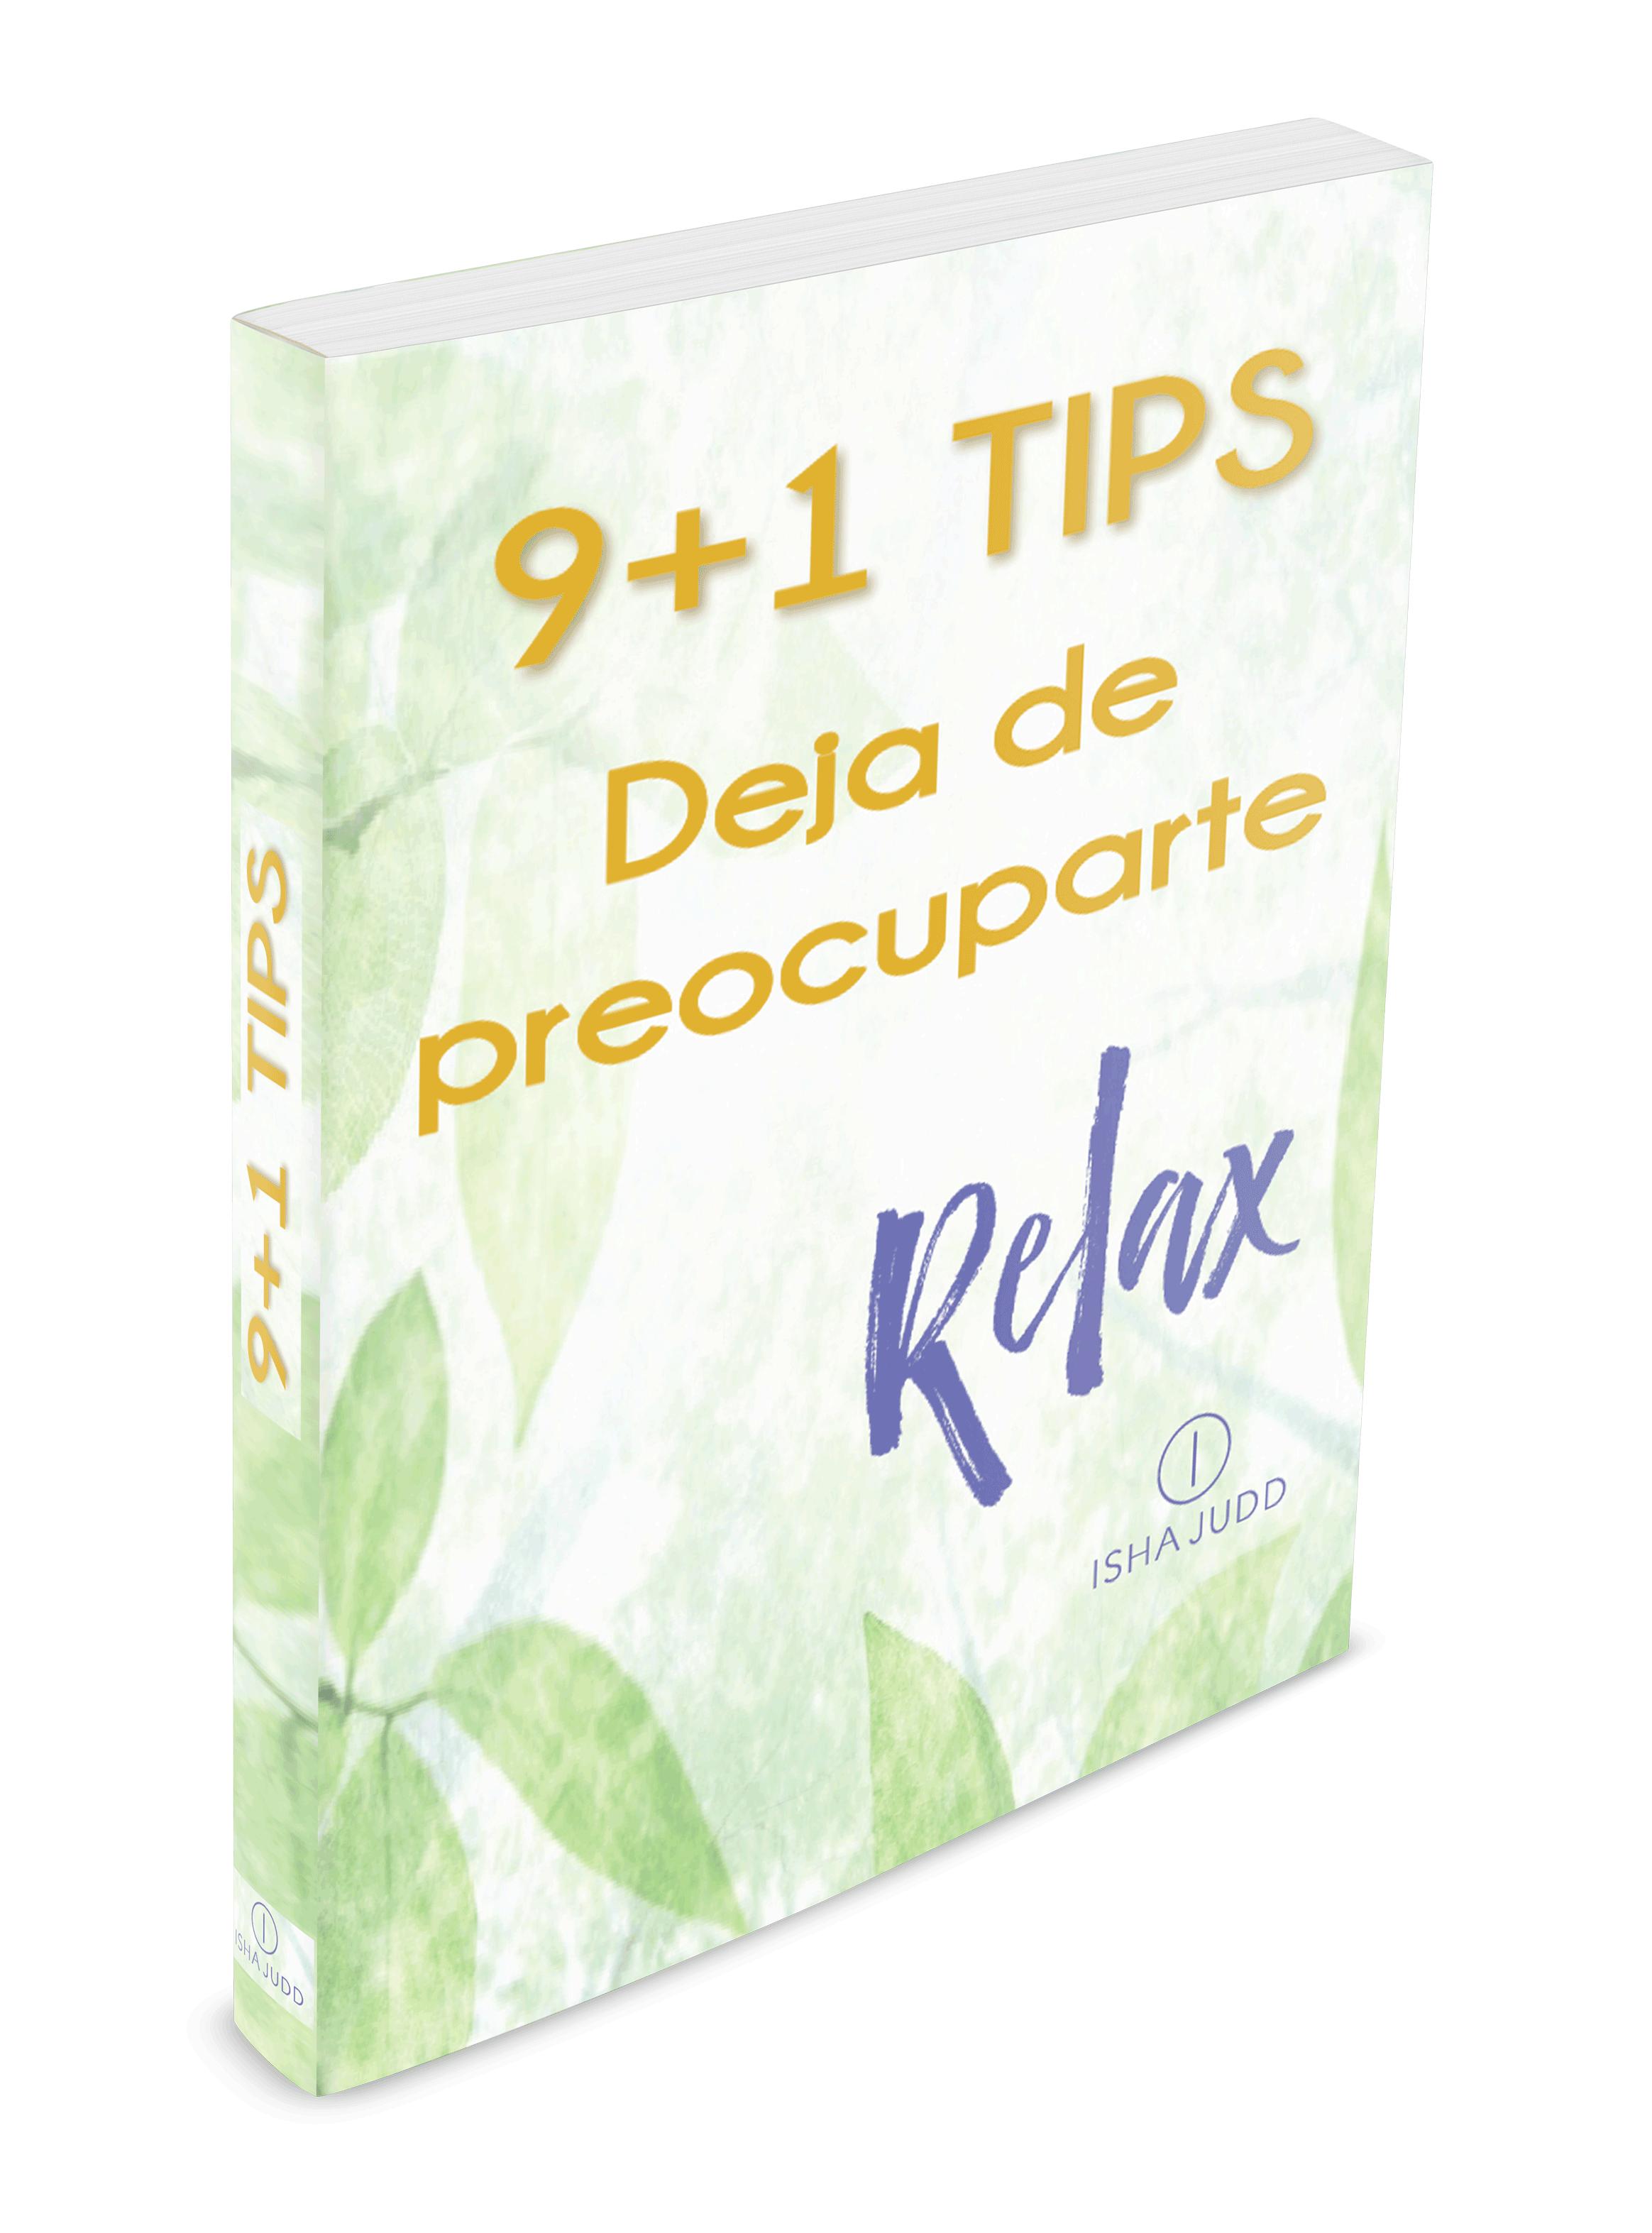 Manual gratuito de Isha Judd: Tips para dejar de preocuparte por tus problemas